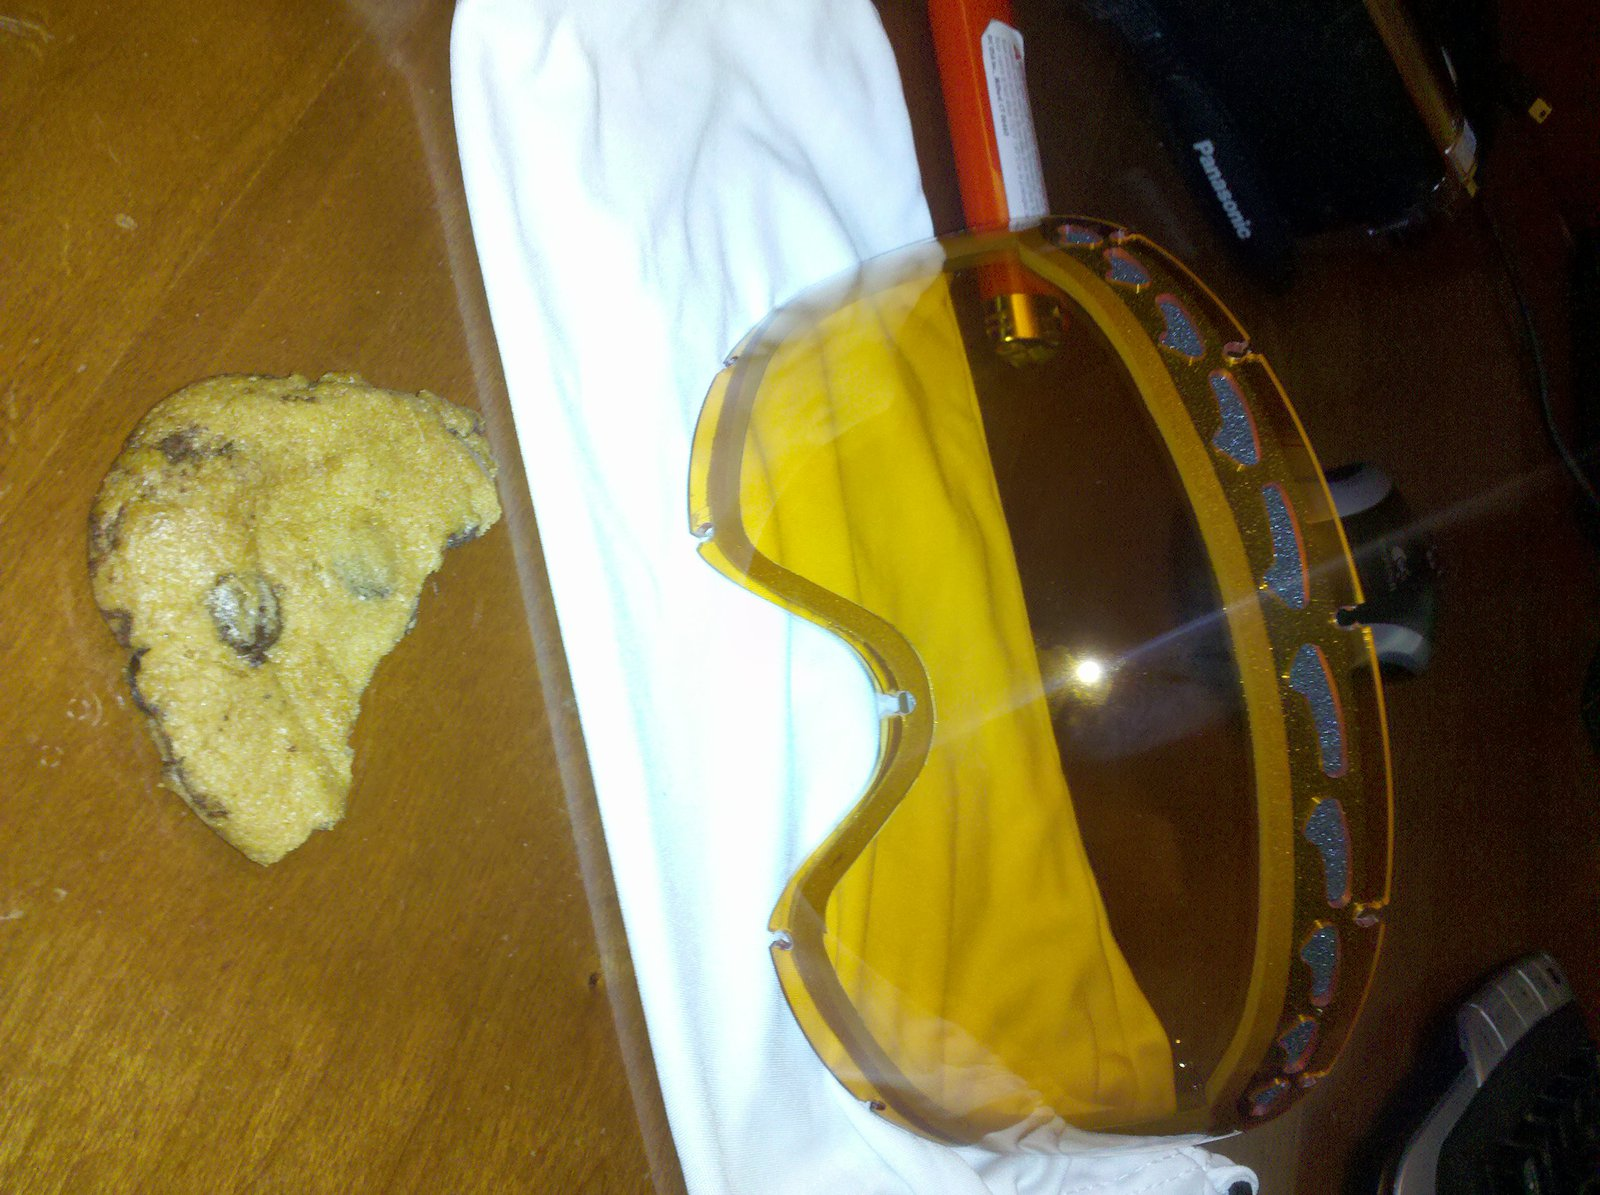 Cookie crowbar